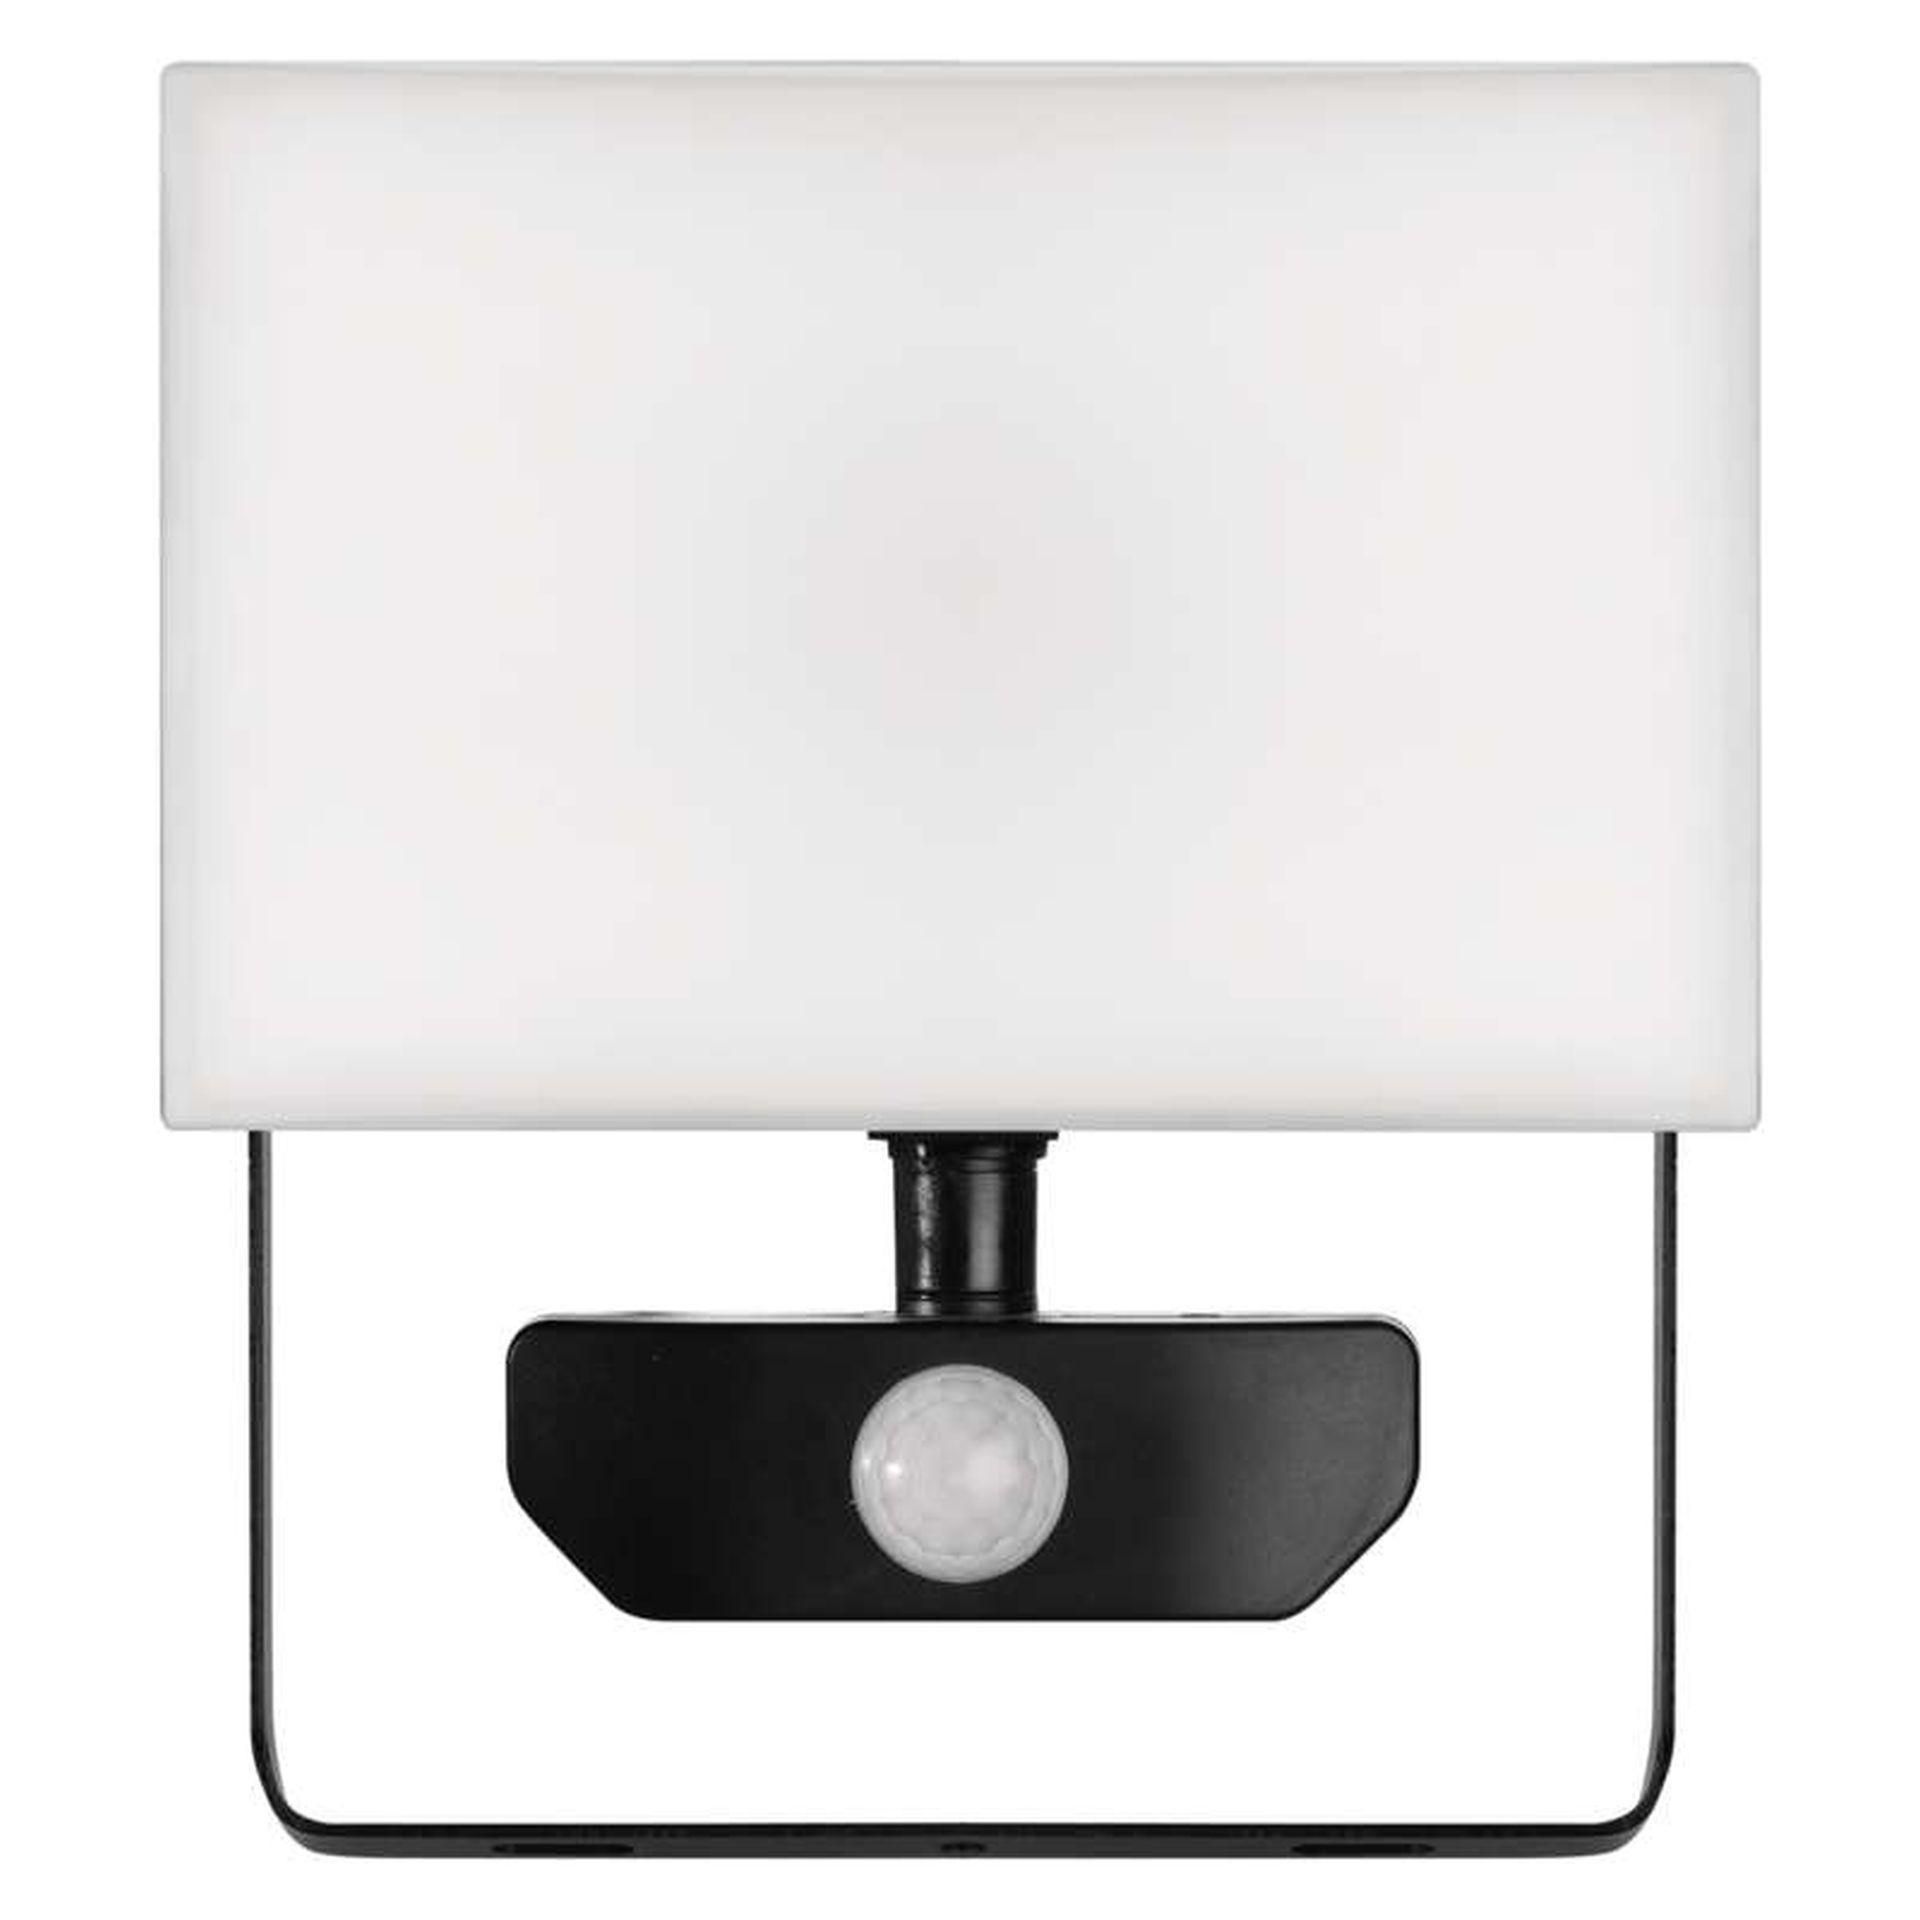 EMOS Bezrámečkový LED reflektor 30W s pohybovým čidlem